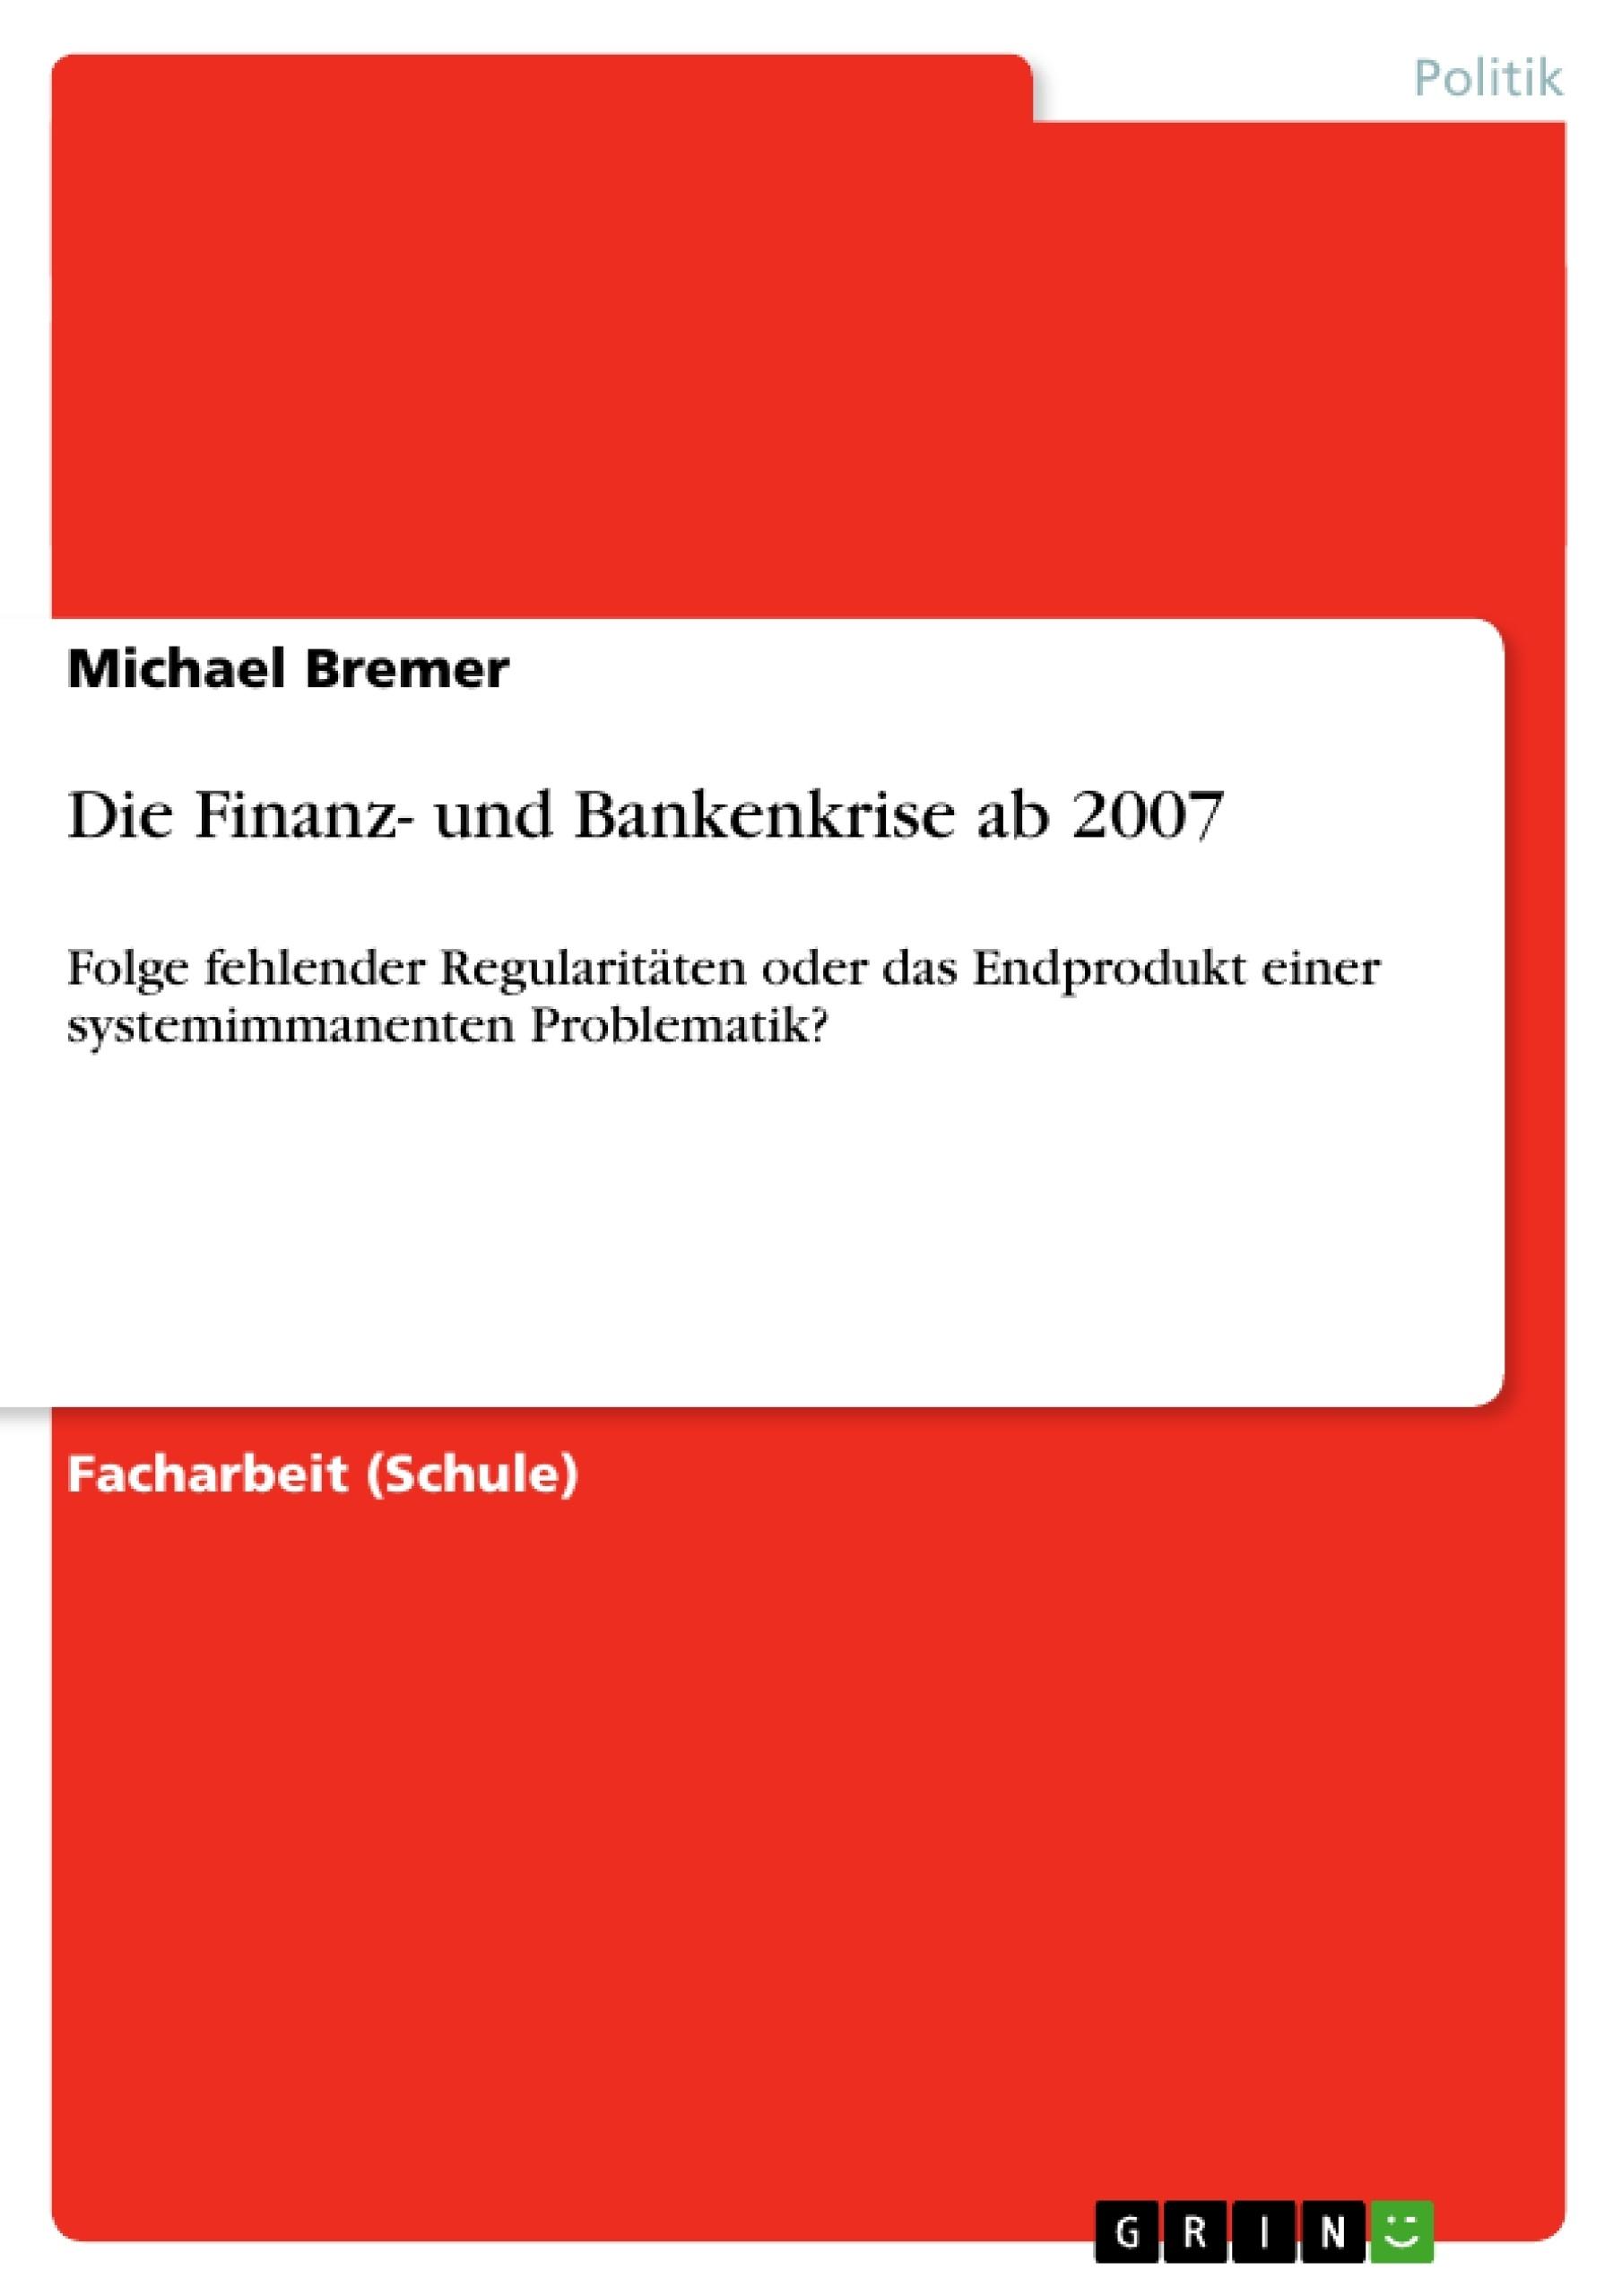 Titel: Die Finanz- und Bankenkrise ab 2007